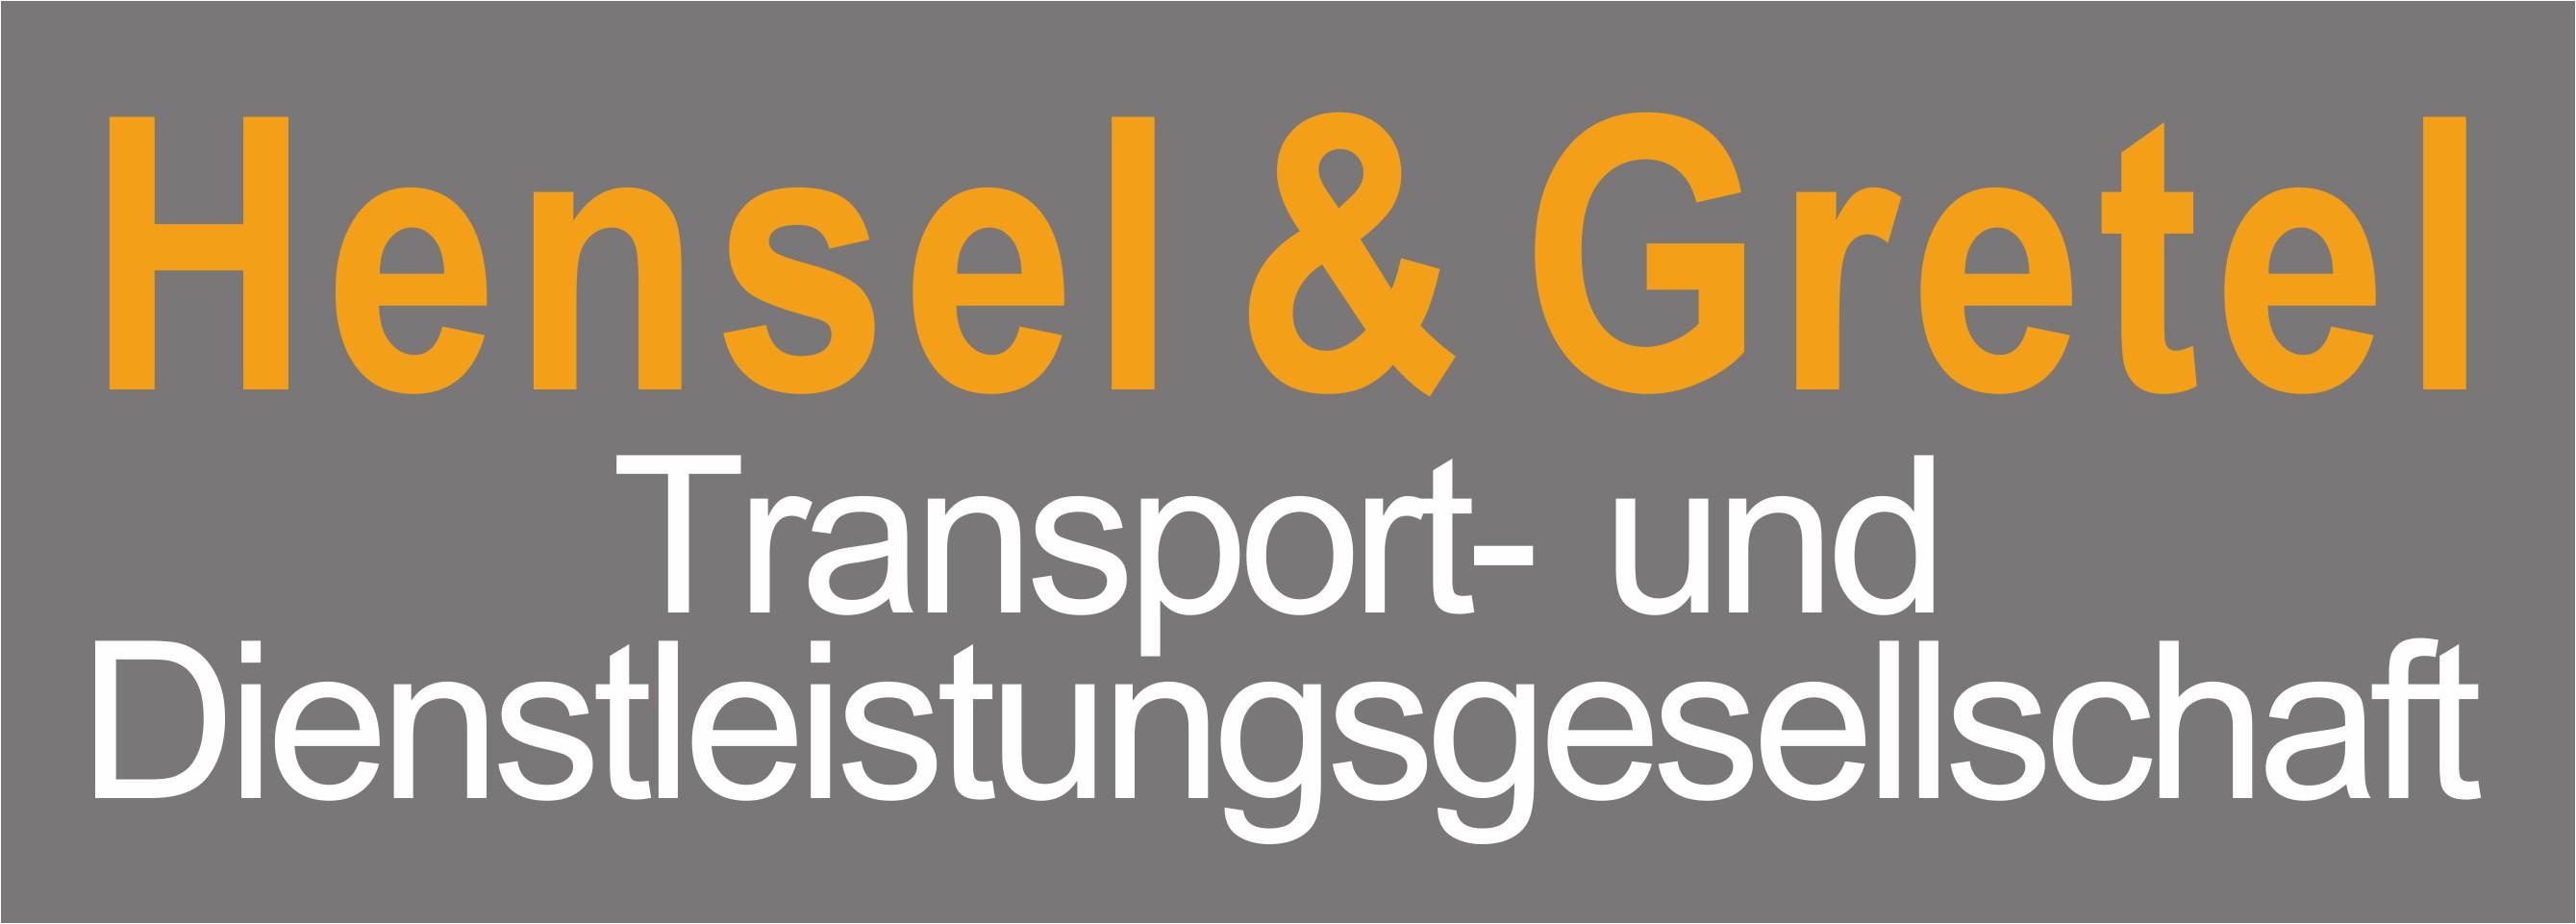 Hensel & Gretel logo